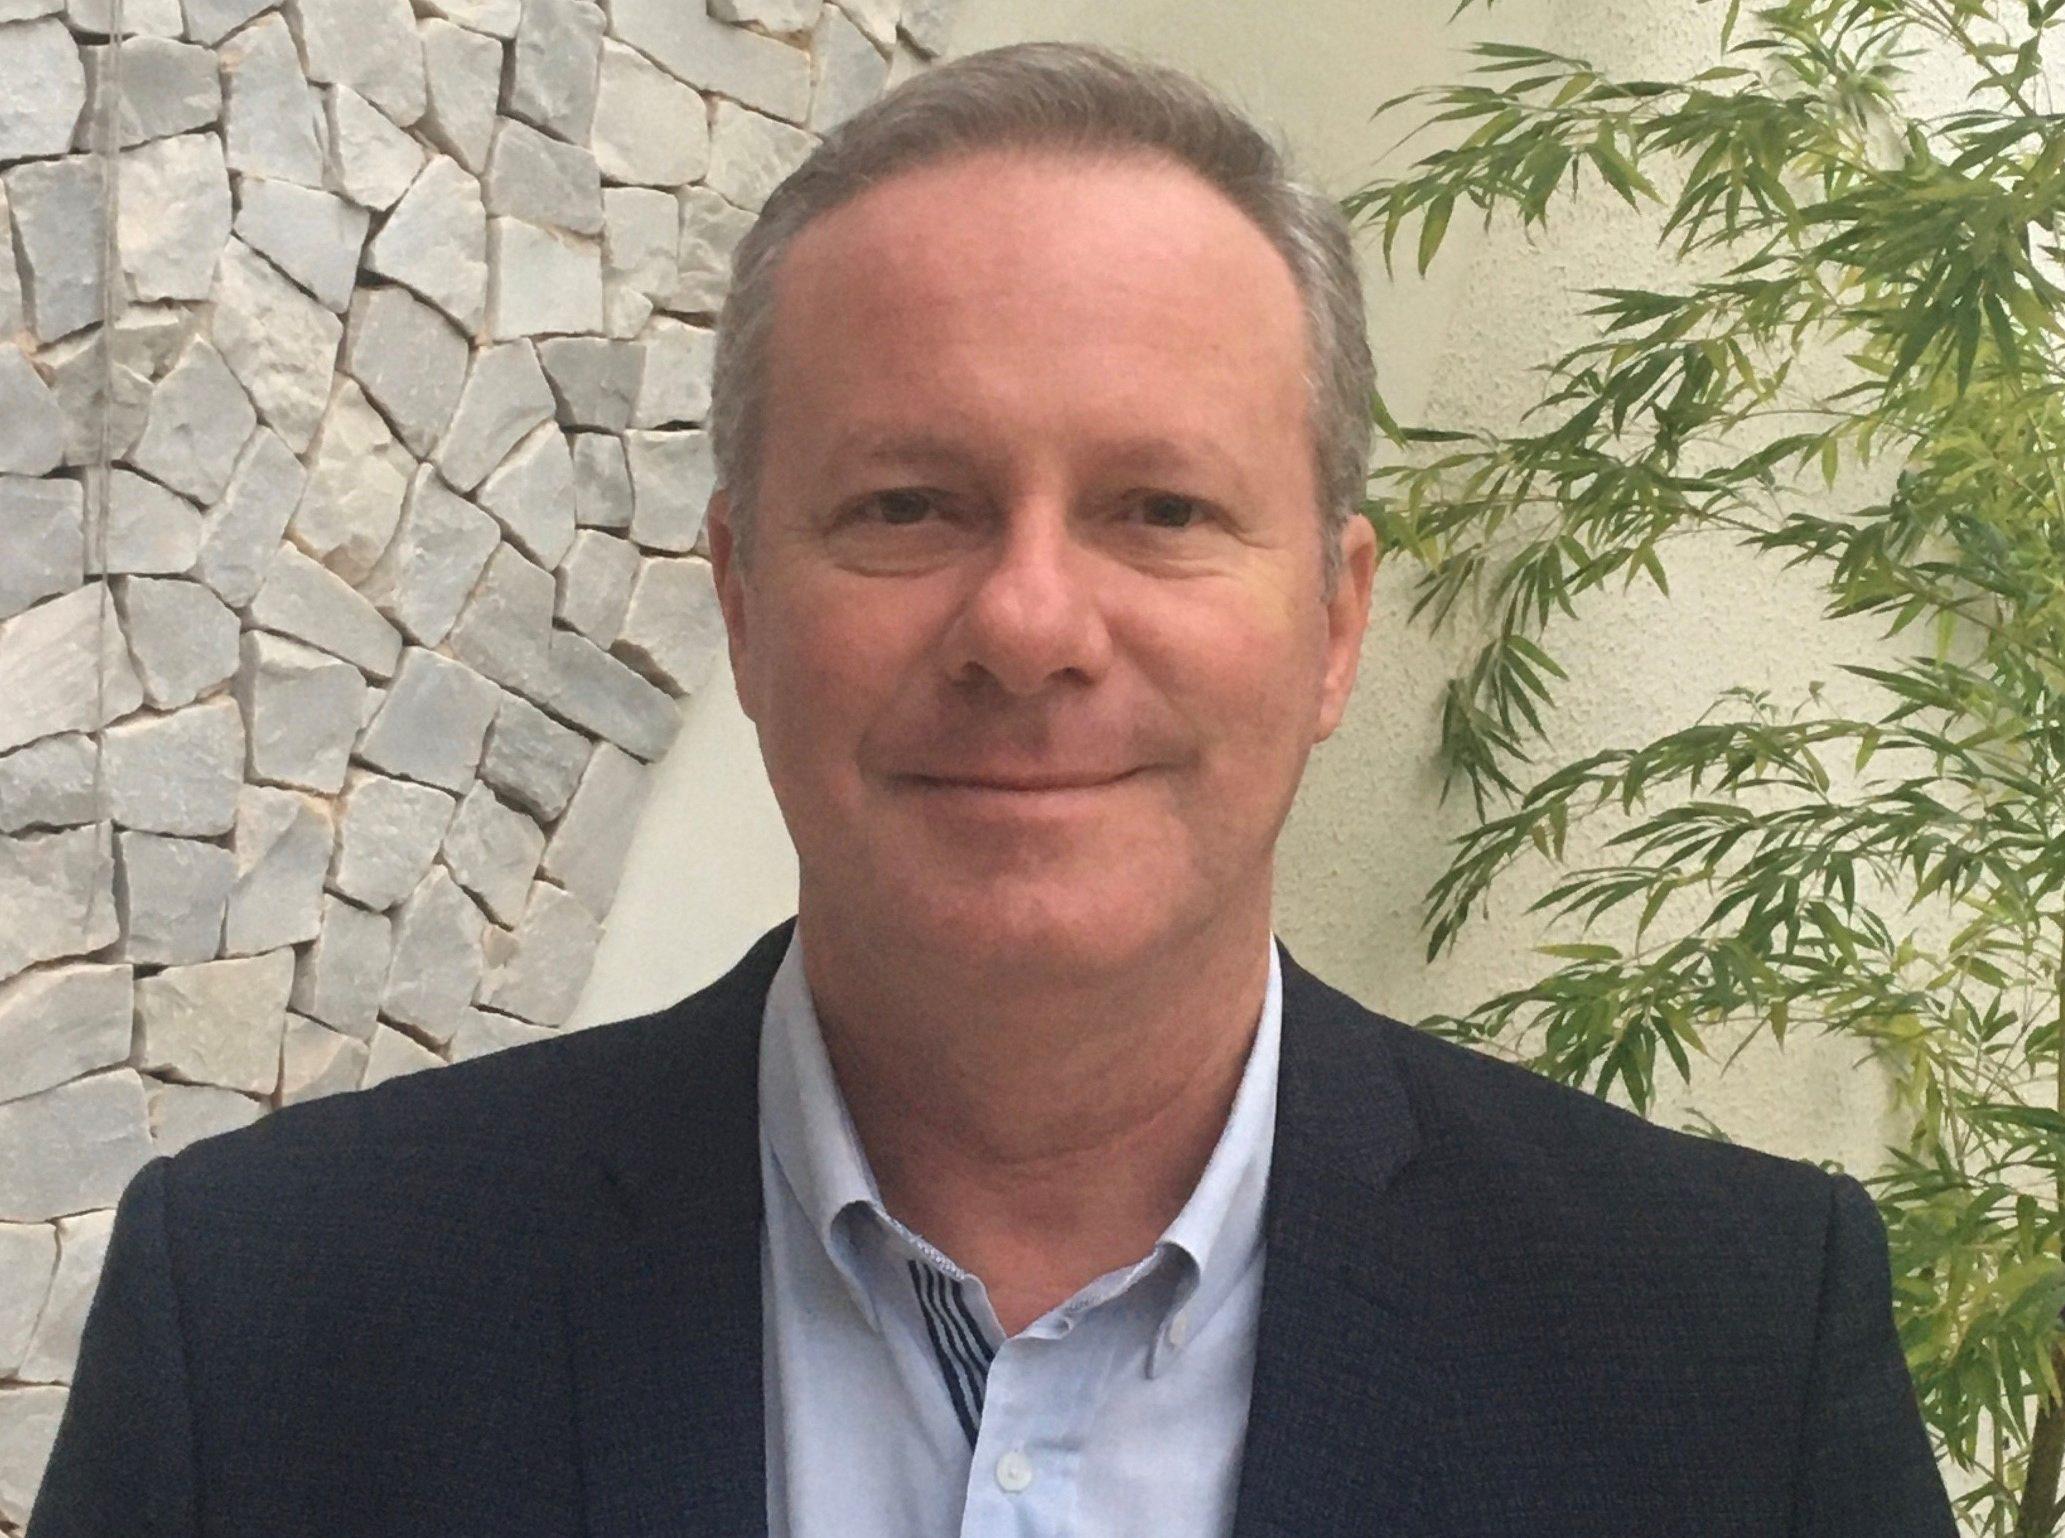 Prêmio ABRAFAC 2020: Wilson Olivo Junior, da Robert Bosch Ltda, vence a categoria Suprimentos